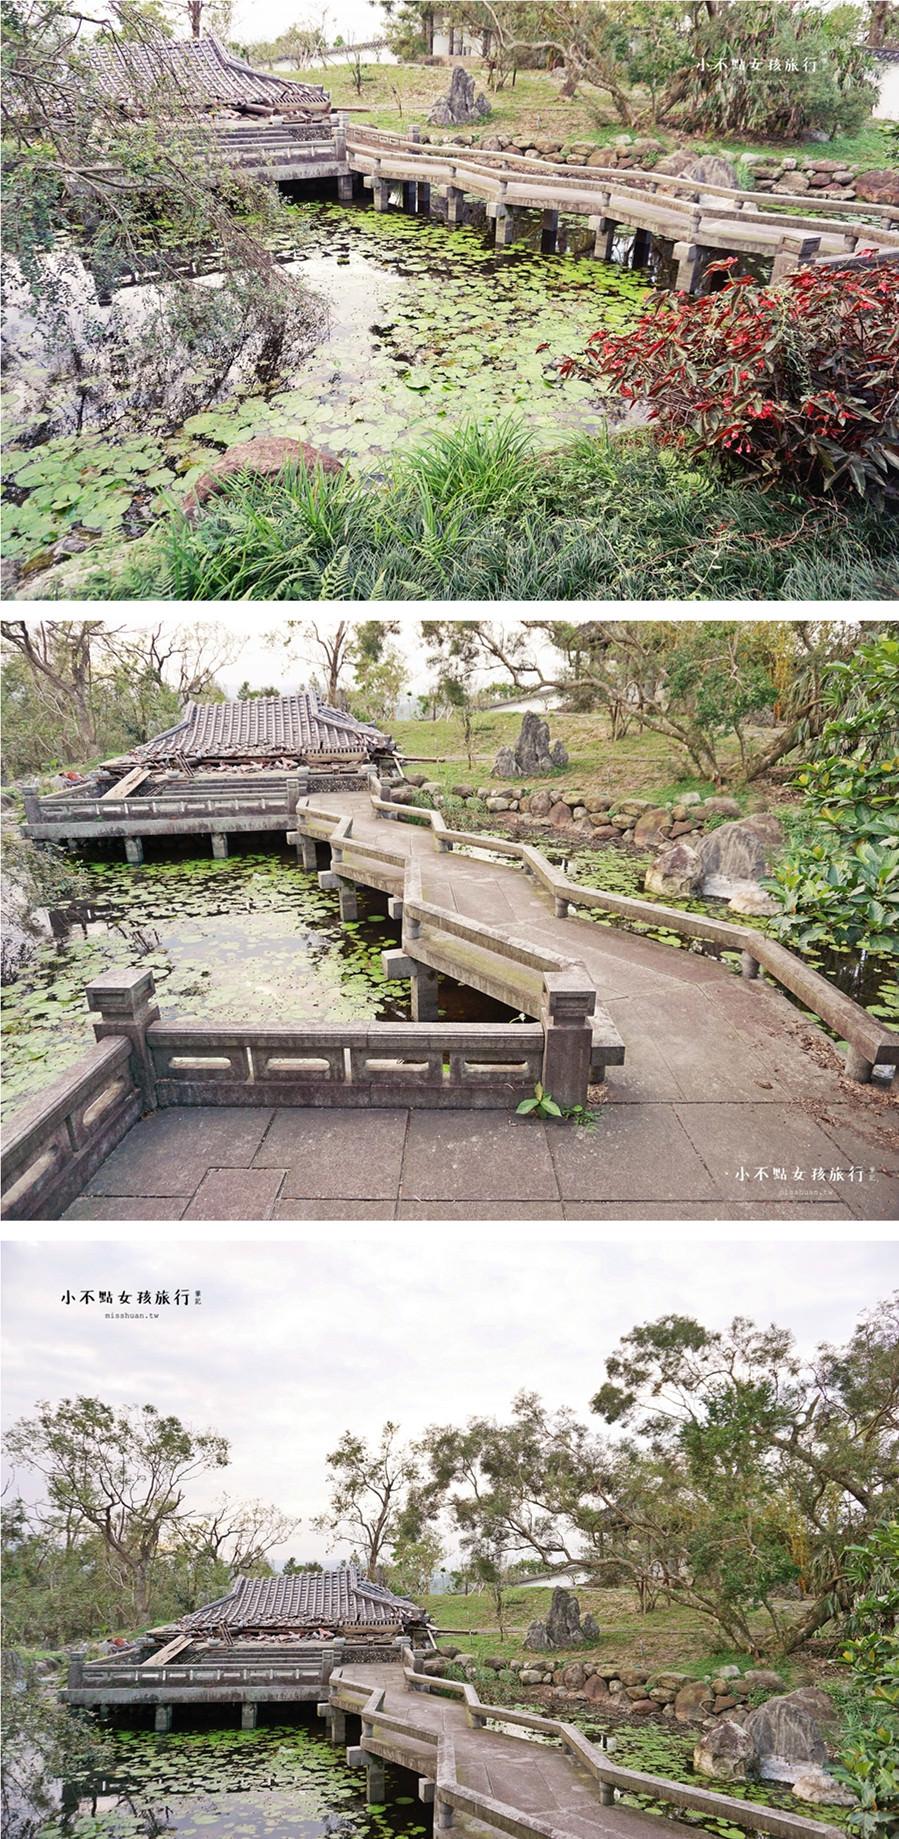 宜蘭仁山植物園